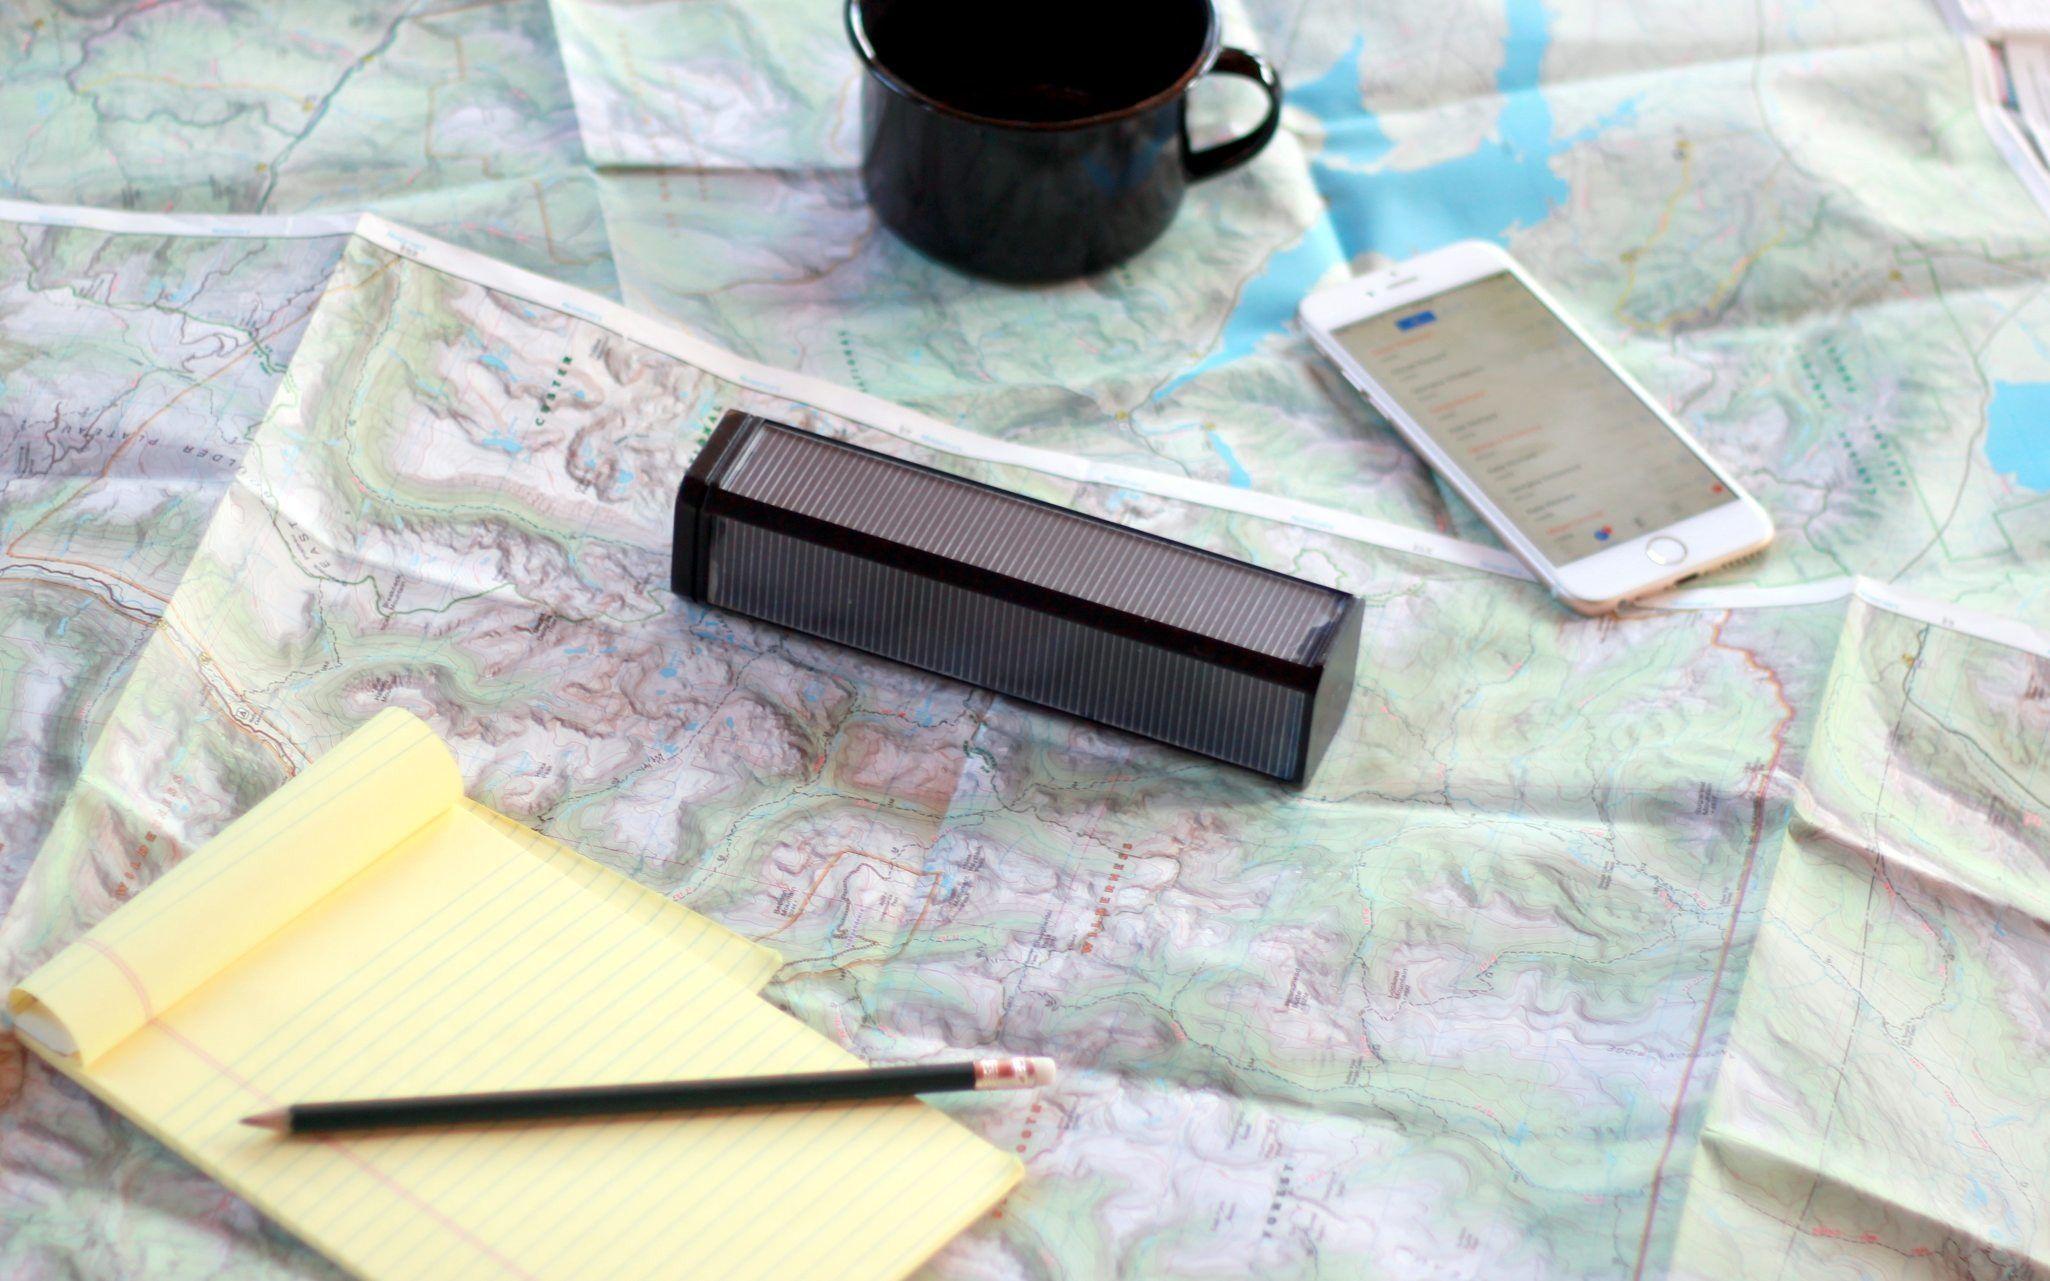 Slik ser Lantern ut. Boksen har innebygget satellittmottaker, WiFi-sender og mellomlagring. Den har solceller for lading på tur. Foto: Outernet